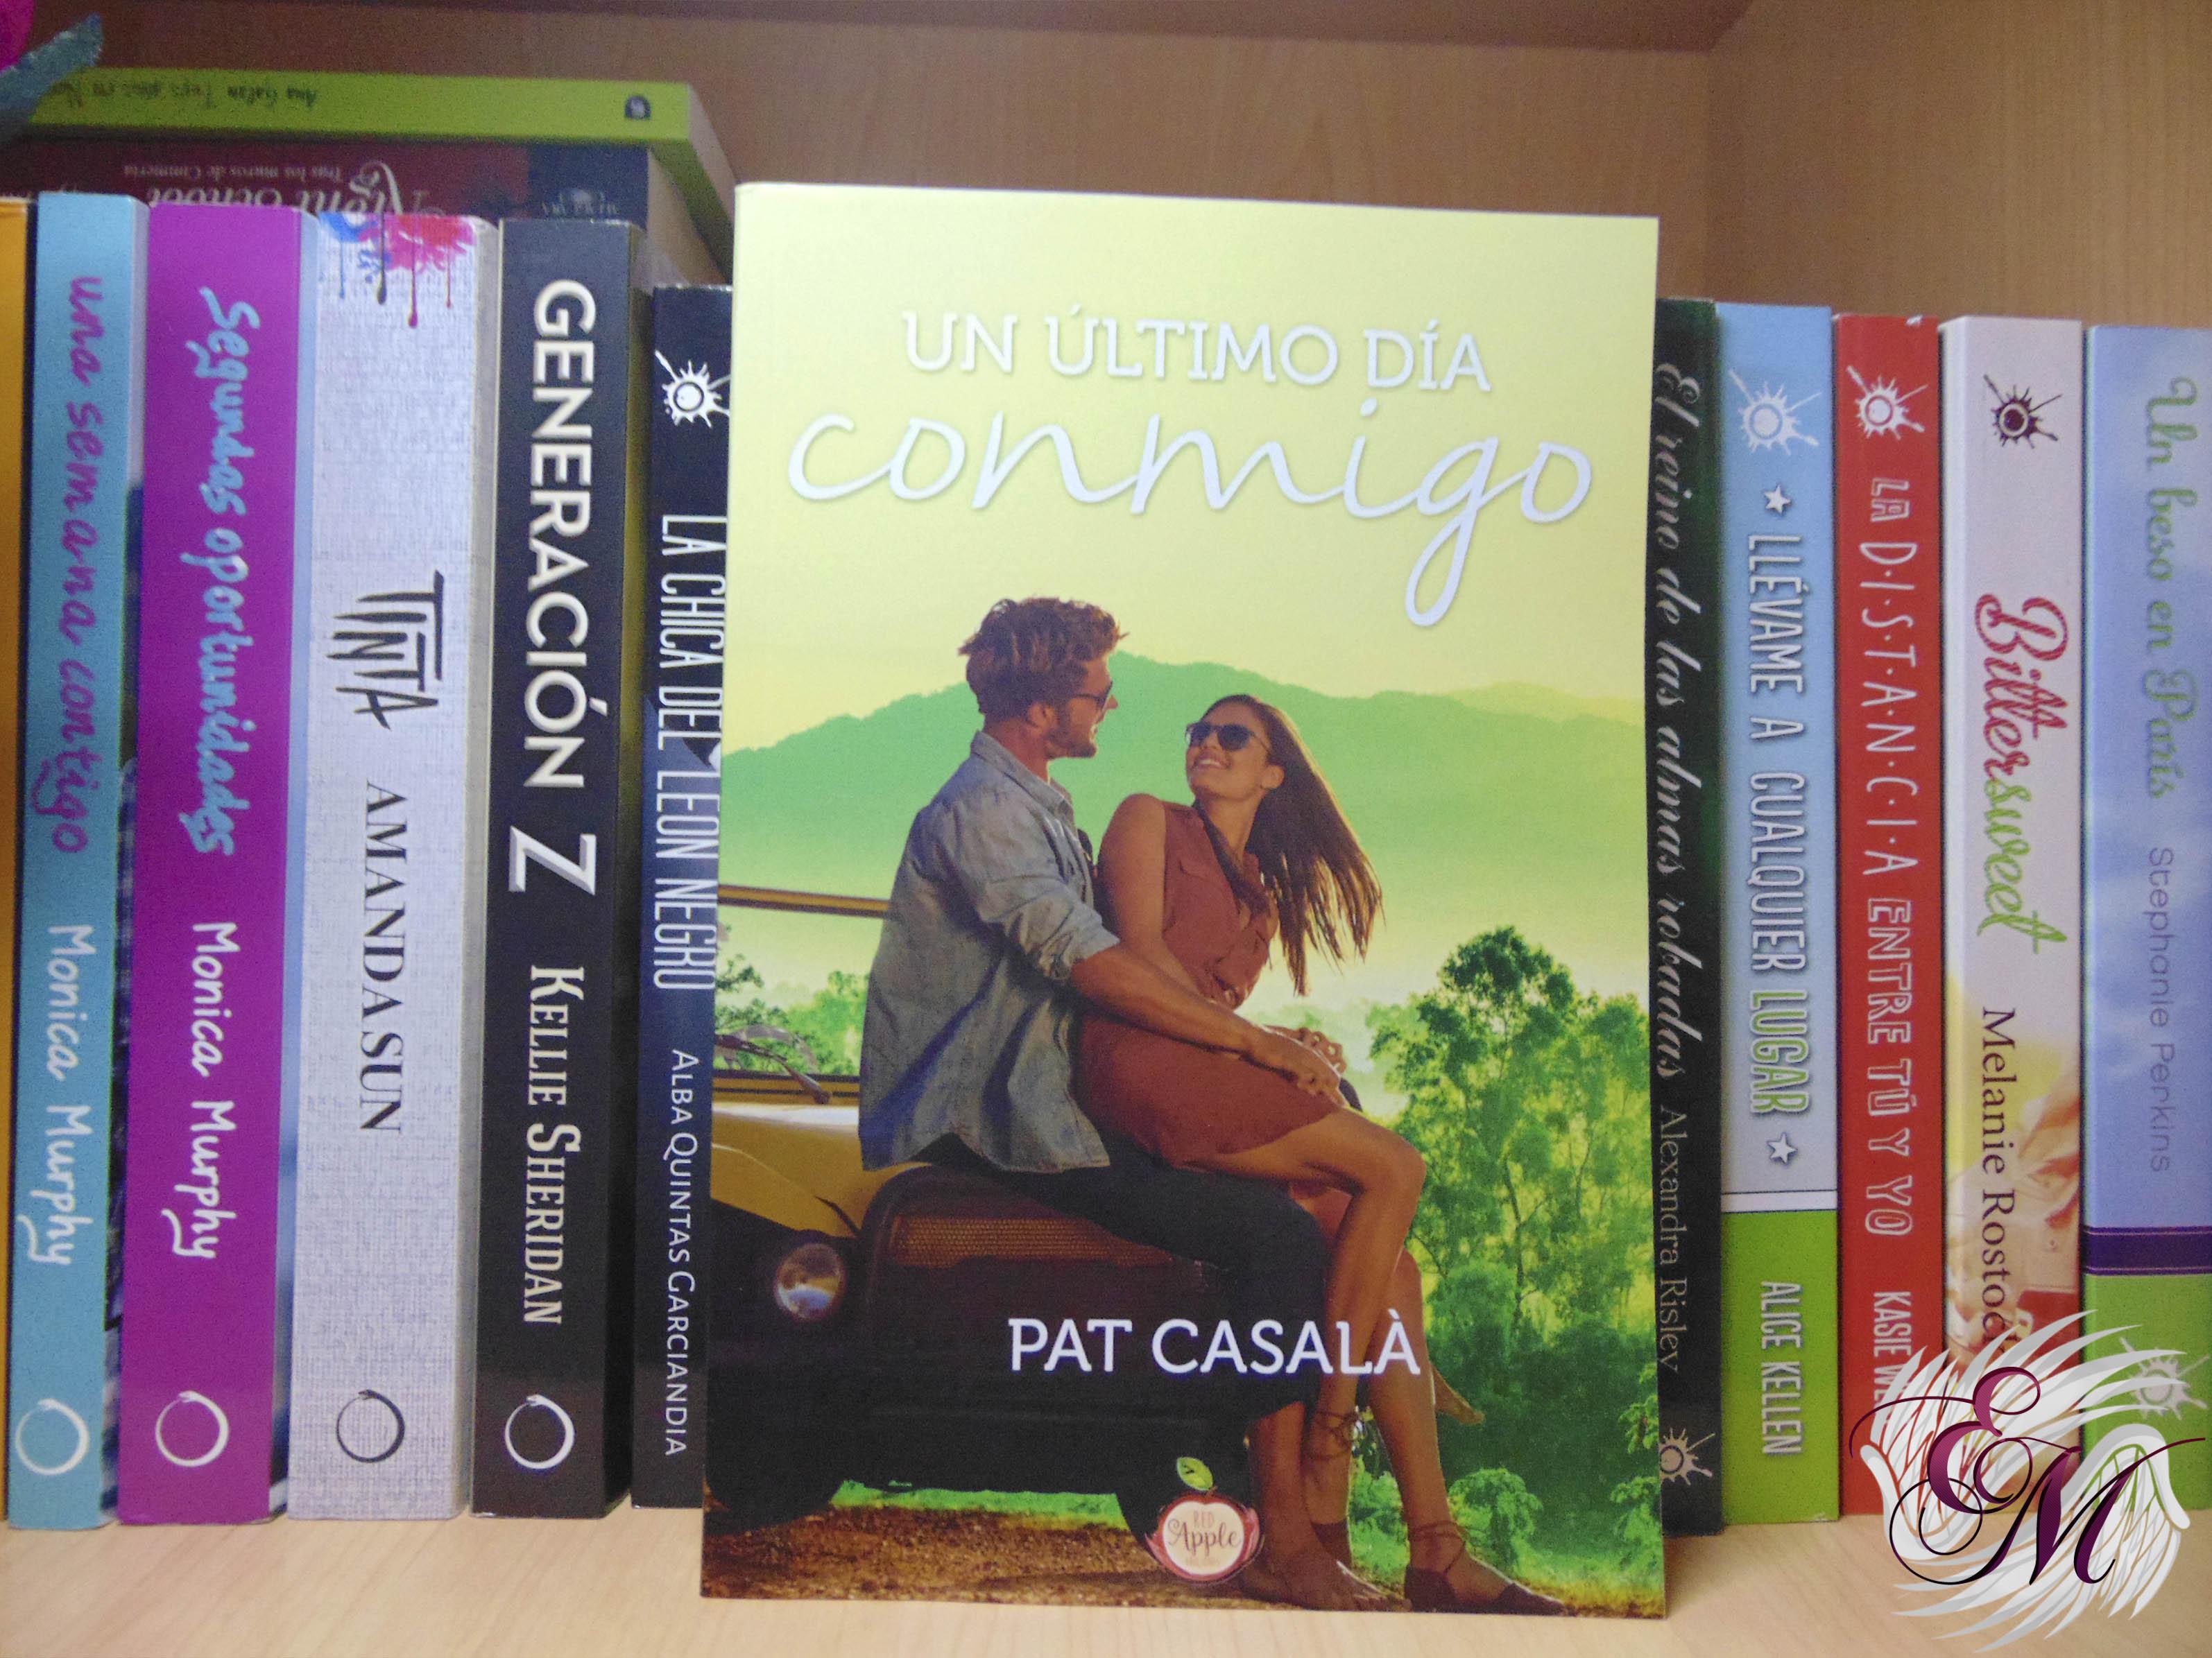 Un último día conmigo, de Pat Casalá - Reseña